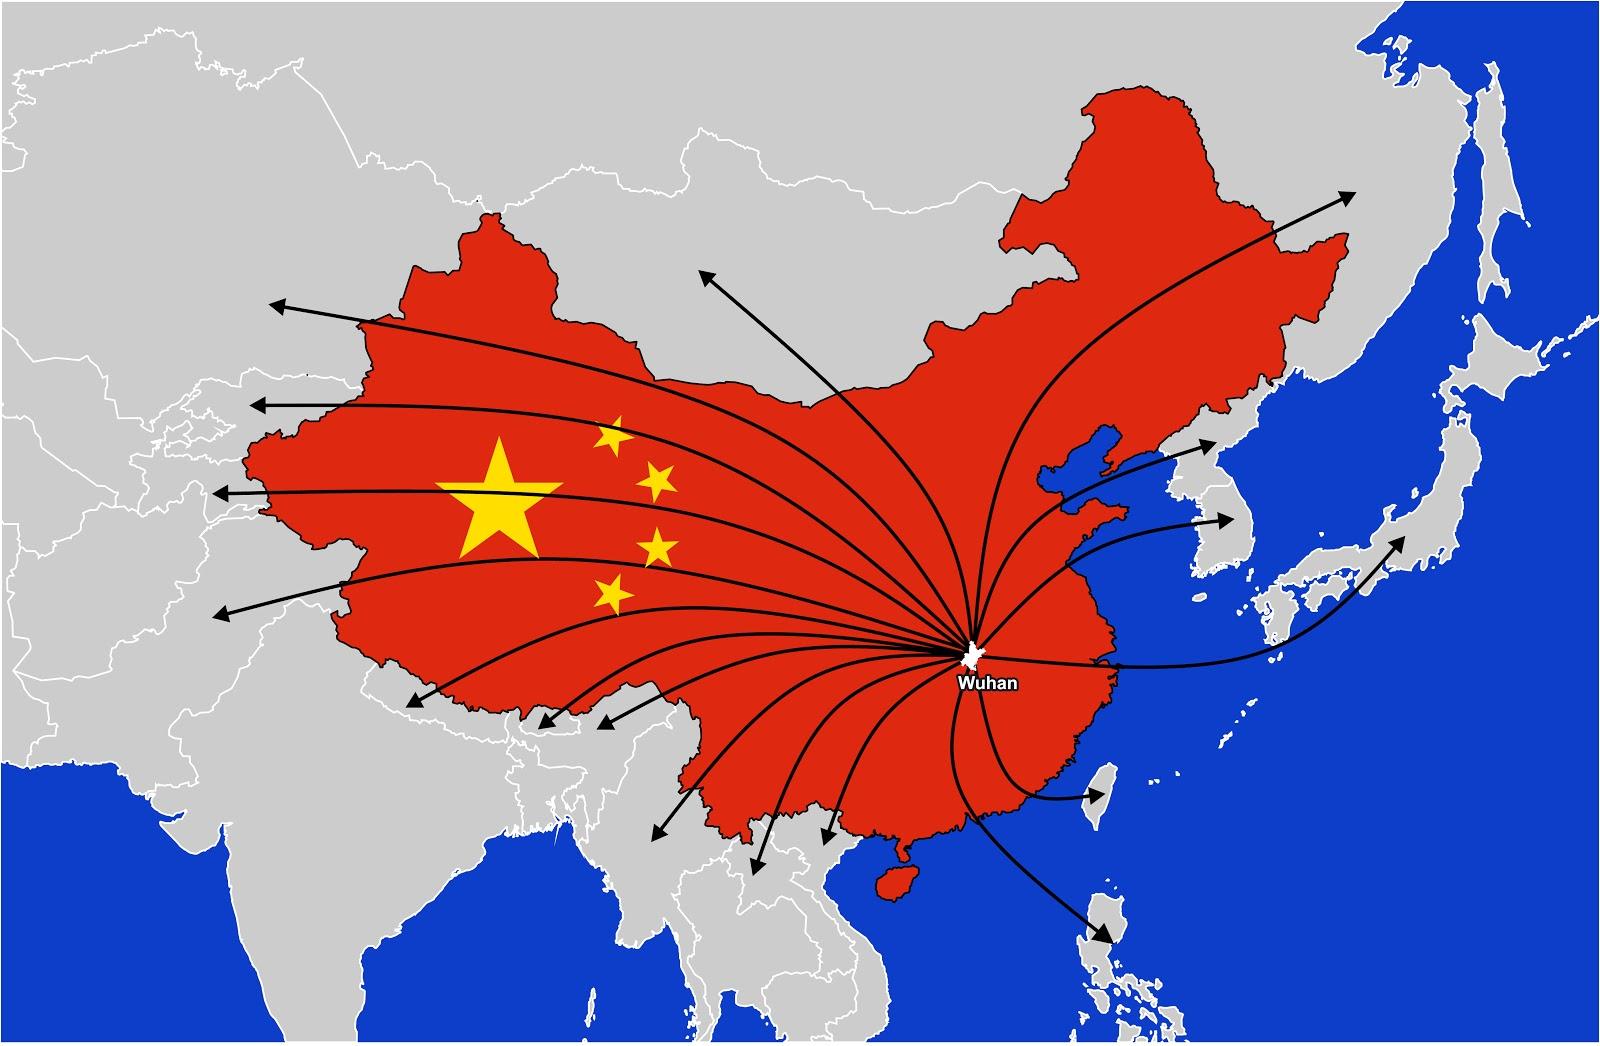 Primeiro caso foi detectado em Wuhan, na China. (Fonte: Shutterstock)